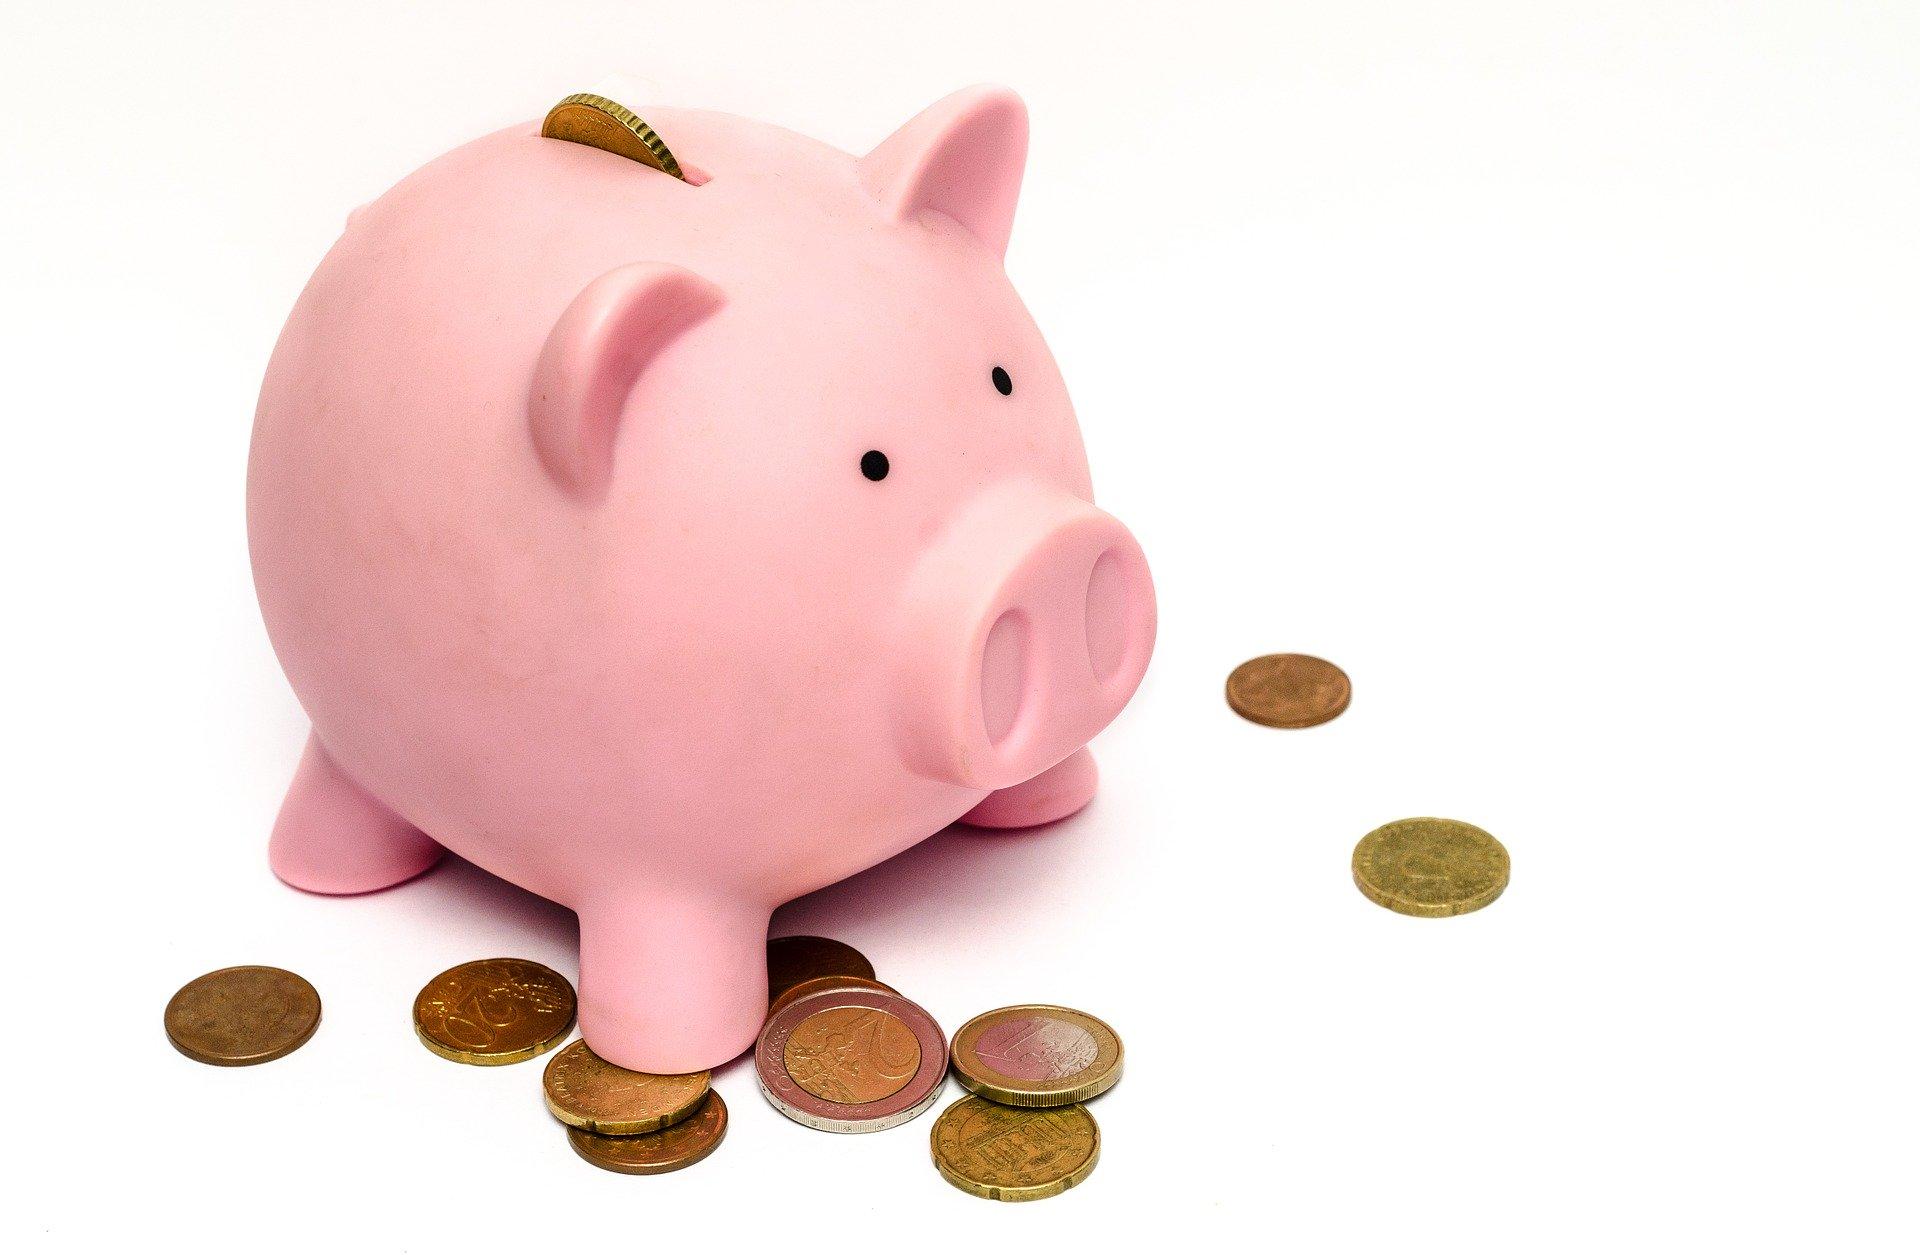 政治経済 お役立ち情報編 長生き時代に求められる資産運用